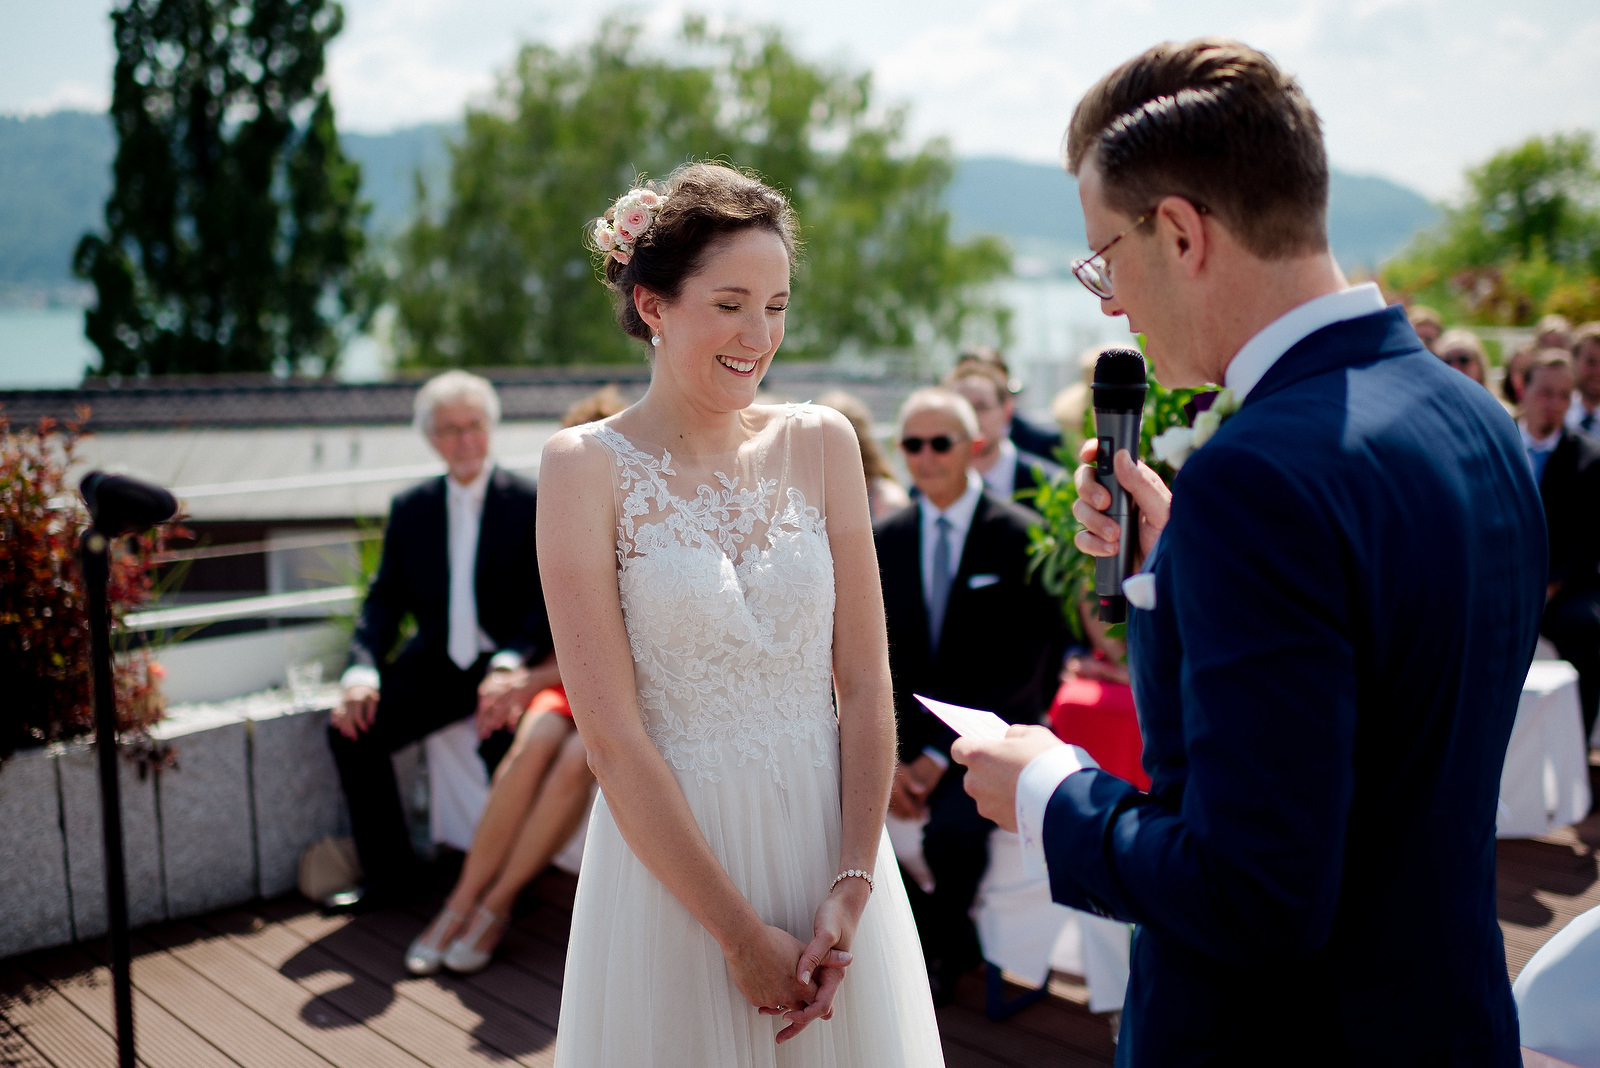 Fotograf Konstanz - Hochzeitsfotograf Bodensee Zollhaus Ludwigshafen Hochzeit Konstanz EFP 026 - Hochzeitsreportage im Zollhaus in Bodman-Ludwigshafen, Bodensee  - 159 -